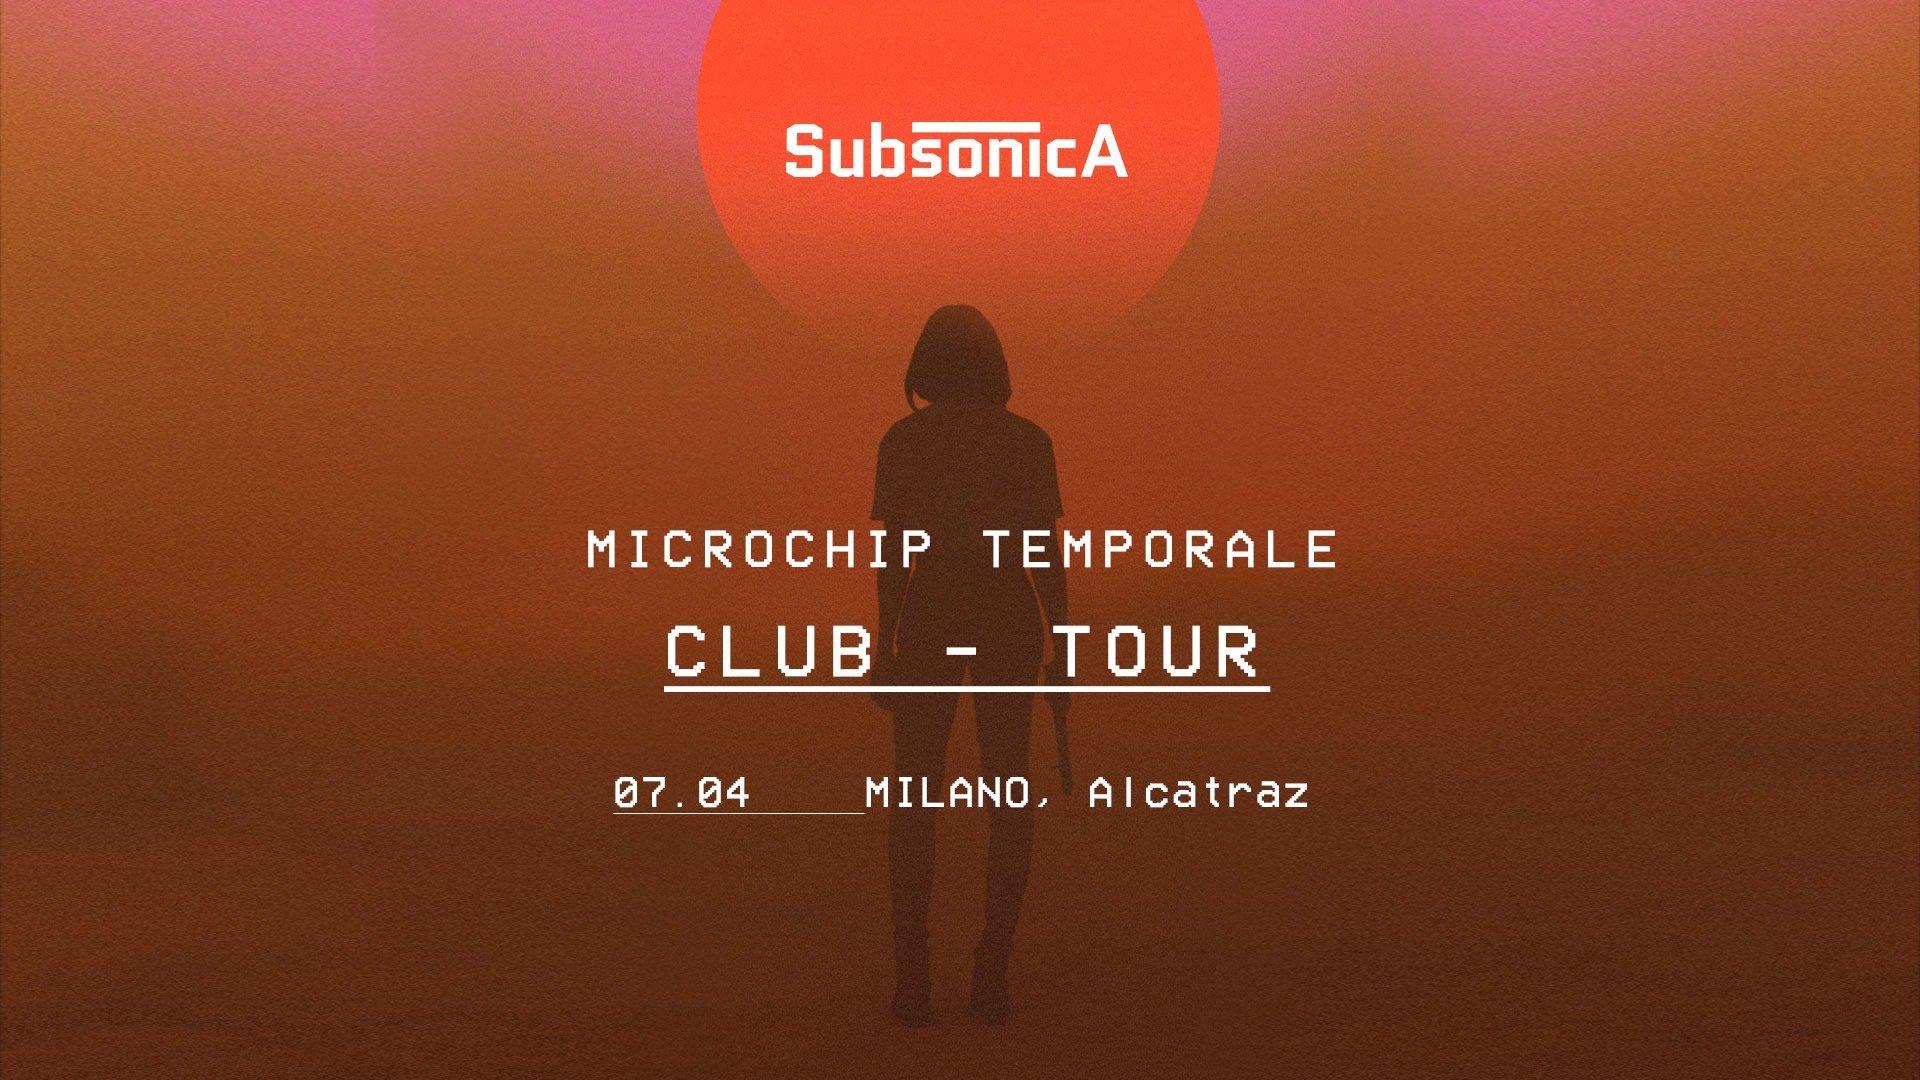 Subsonica, Microchip Temporale seconda data all'Alcatraz di Milano